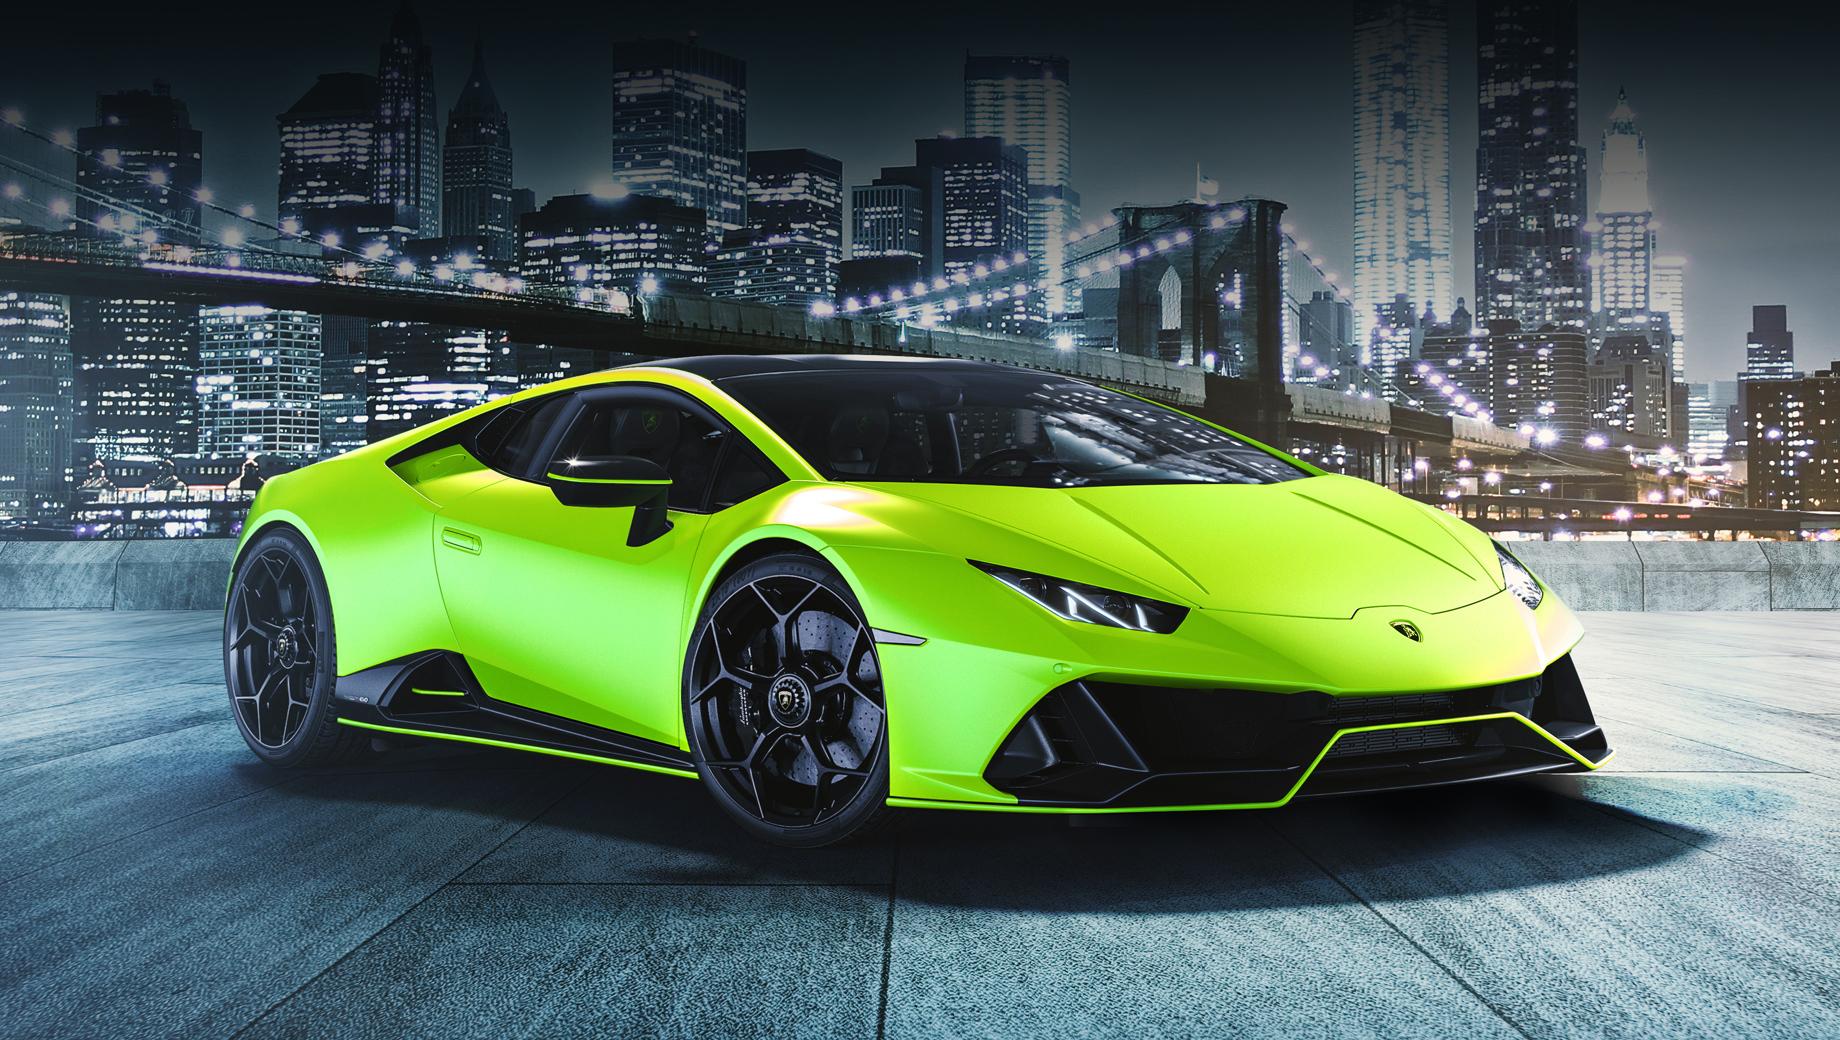 Lamborghini Huracan Evo Fluo Capsule выделился окраской